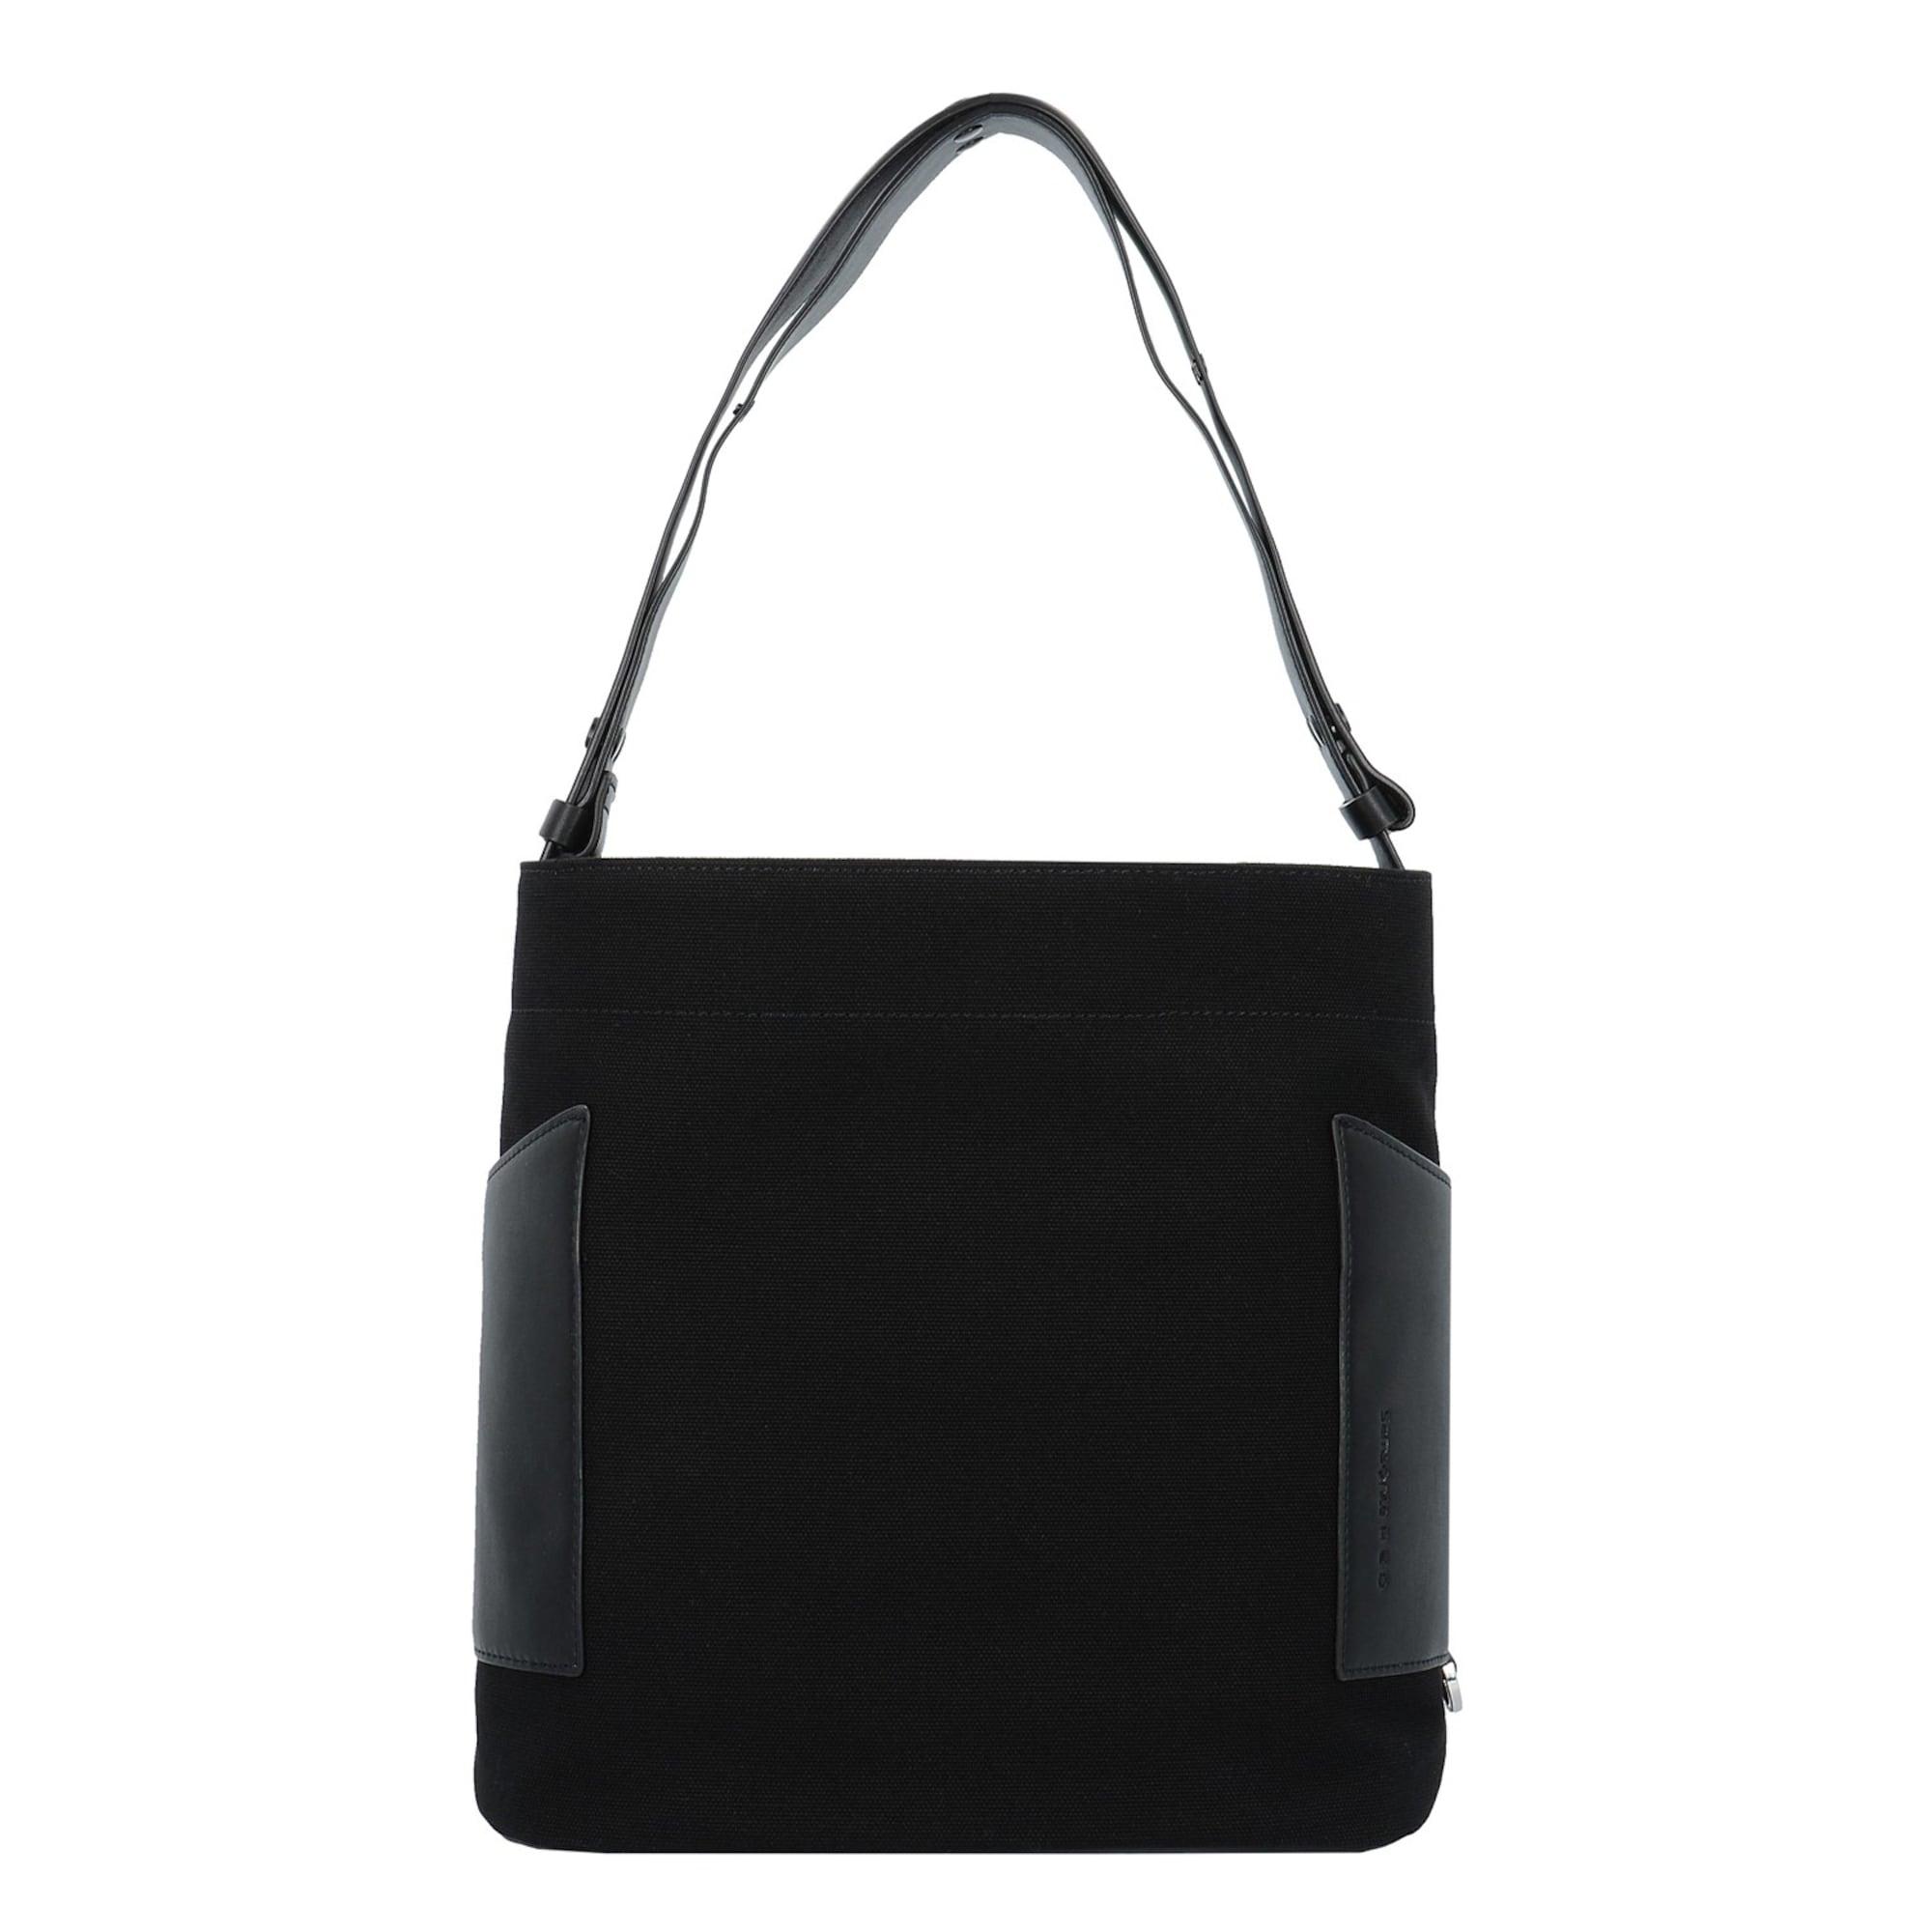 9ac051641c3 Zwarte tassen online kopen | Fashionchick.nl